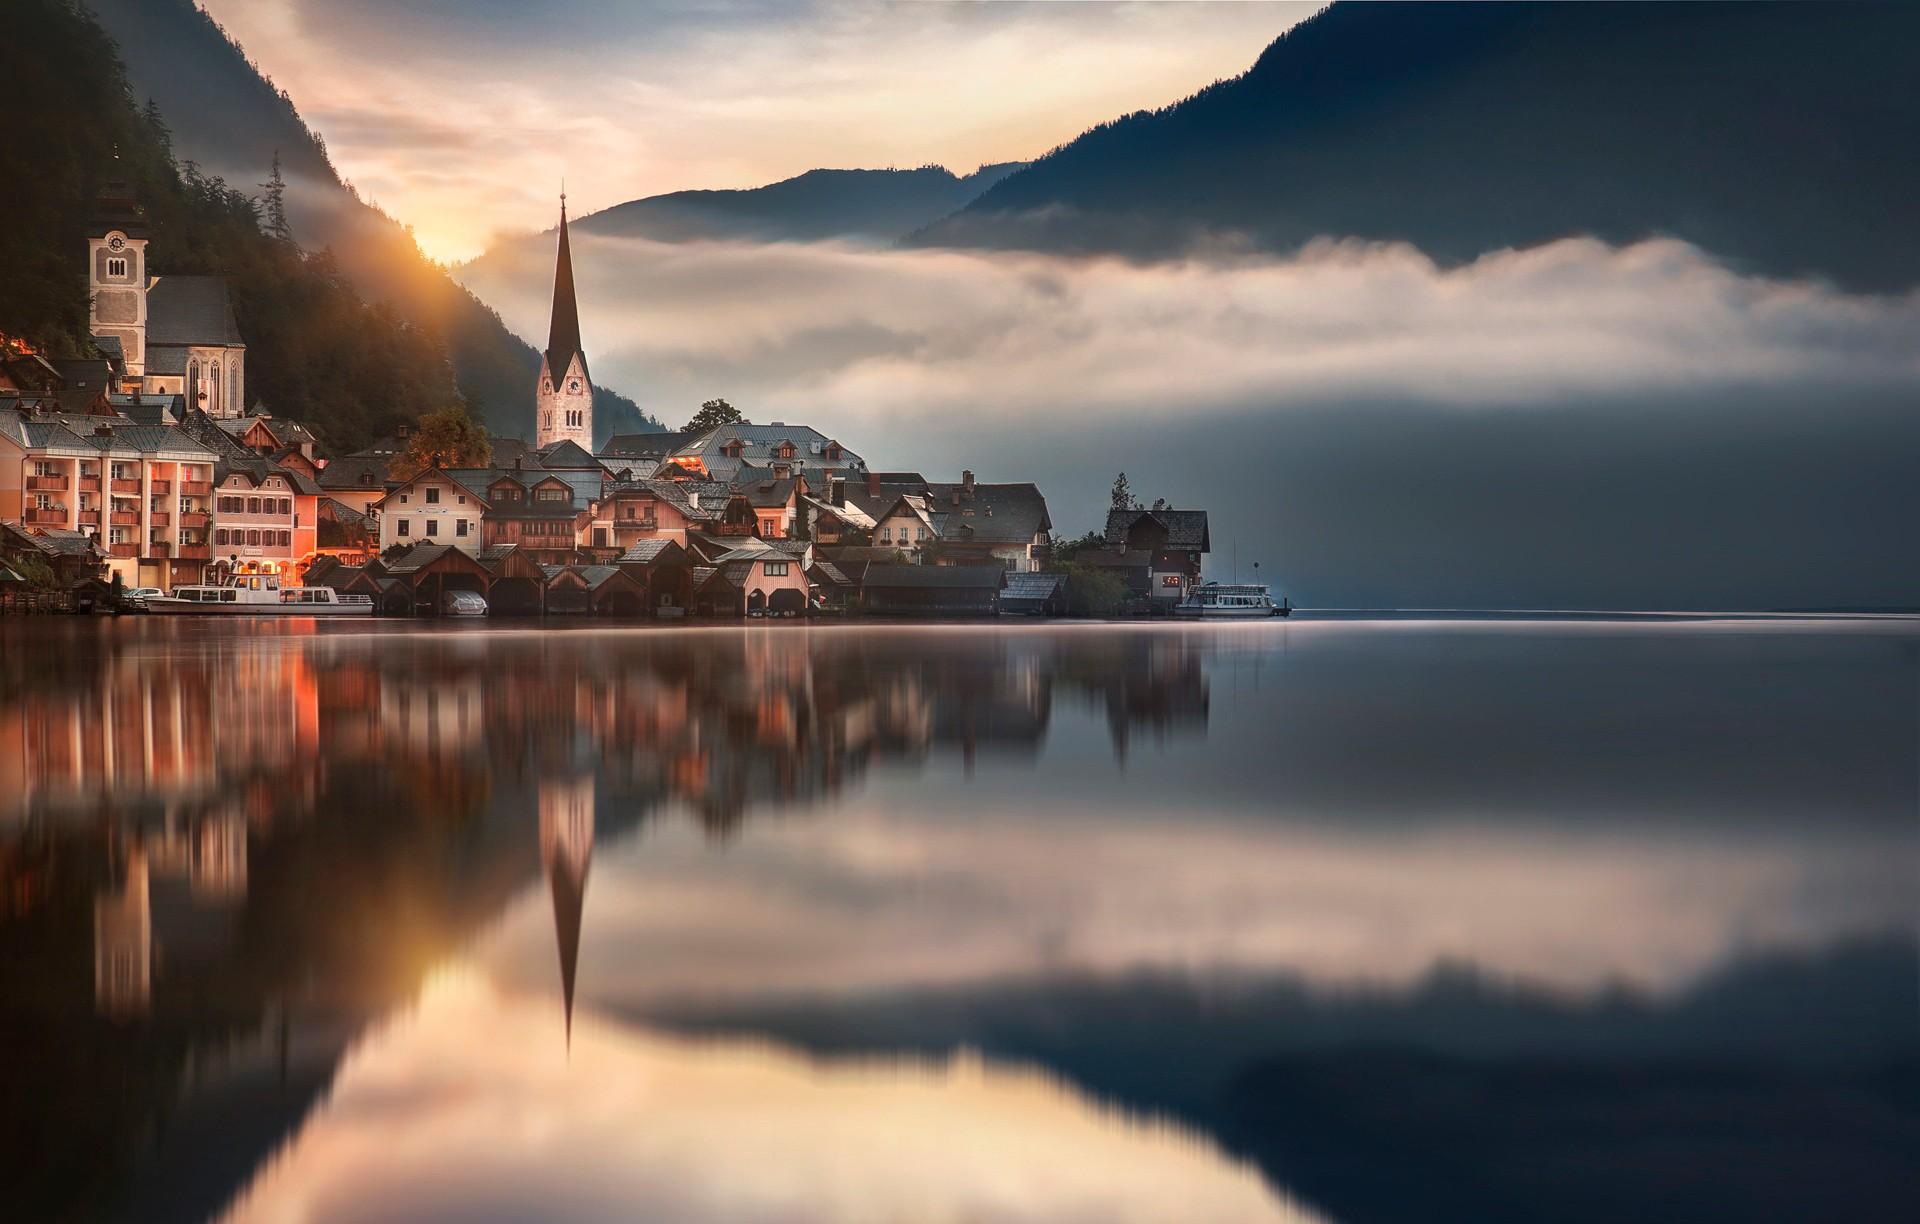 австрия горы обои на рабочий стол № 546428 без смс